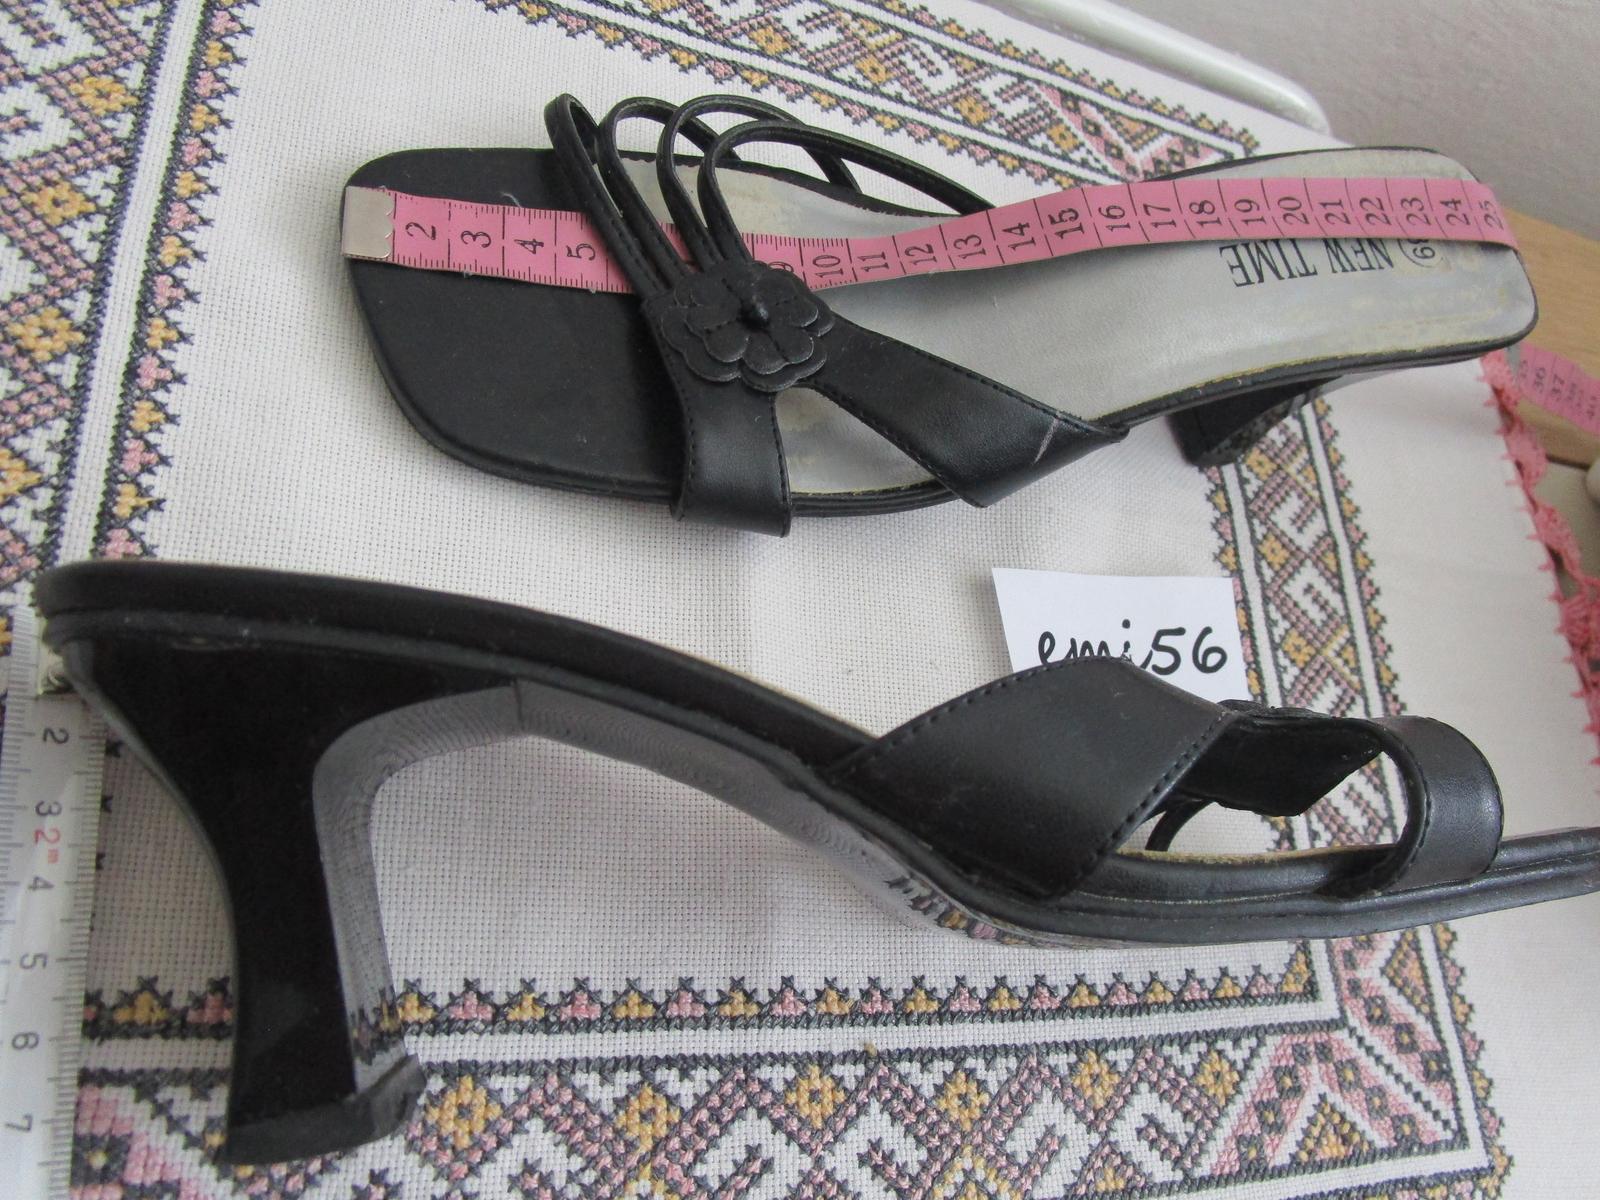 2161. Čierna obuv - Obrázok č. 2